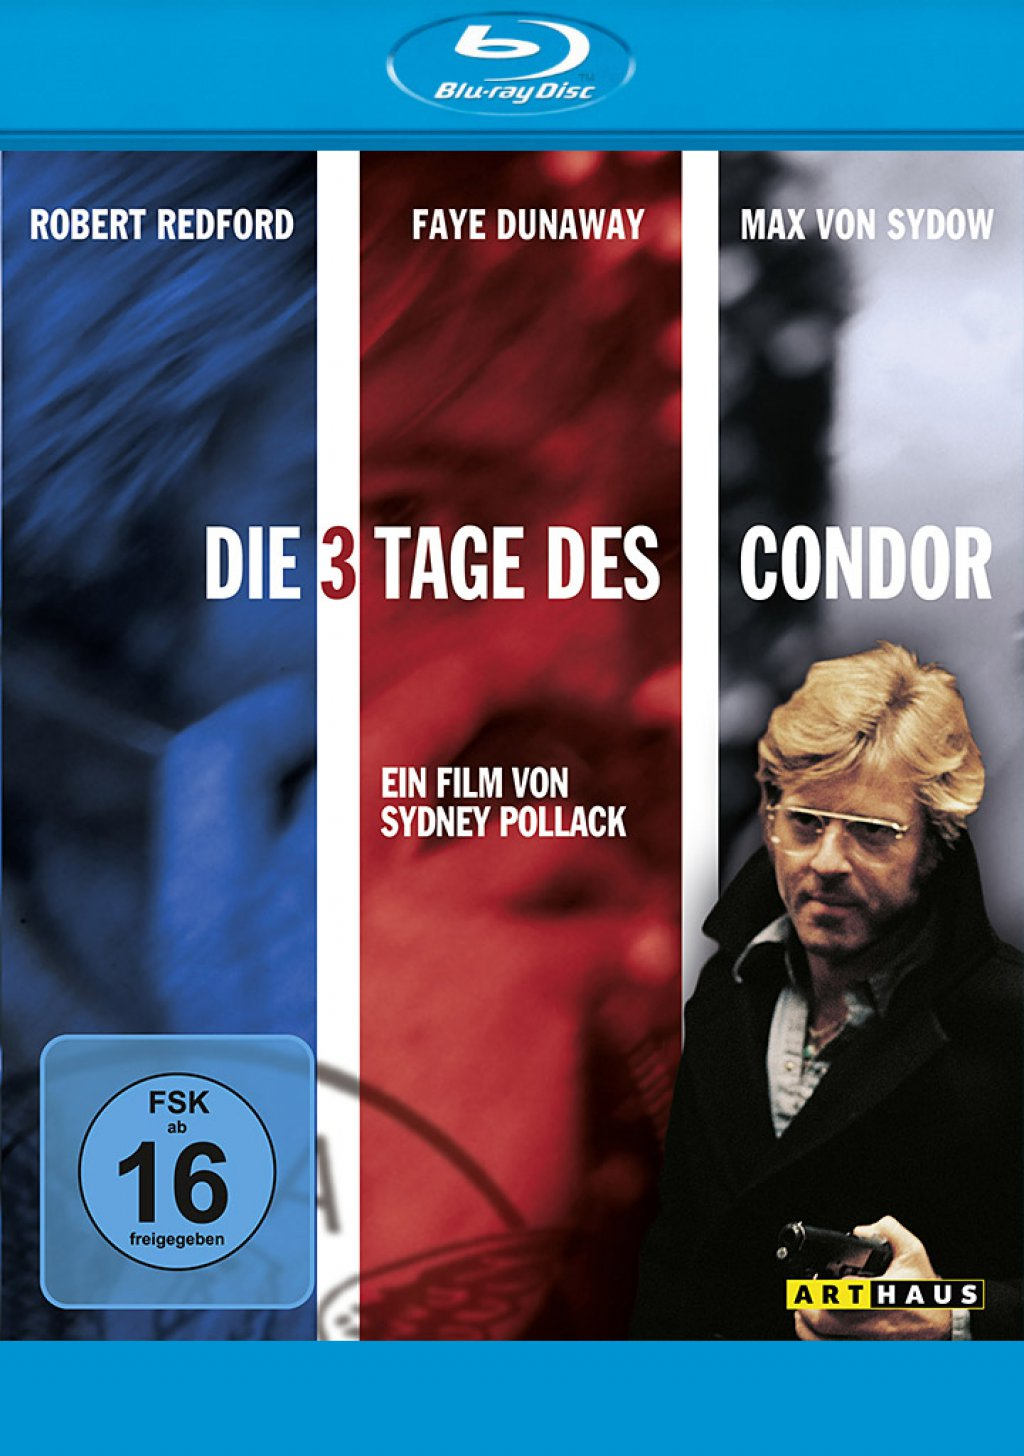 Die 3 Tage des Condor (Blu-ray)